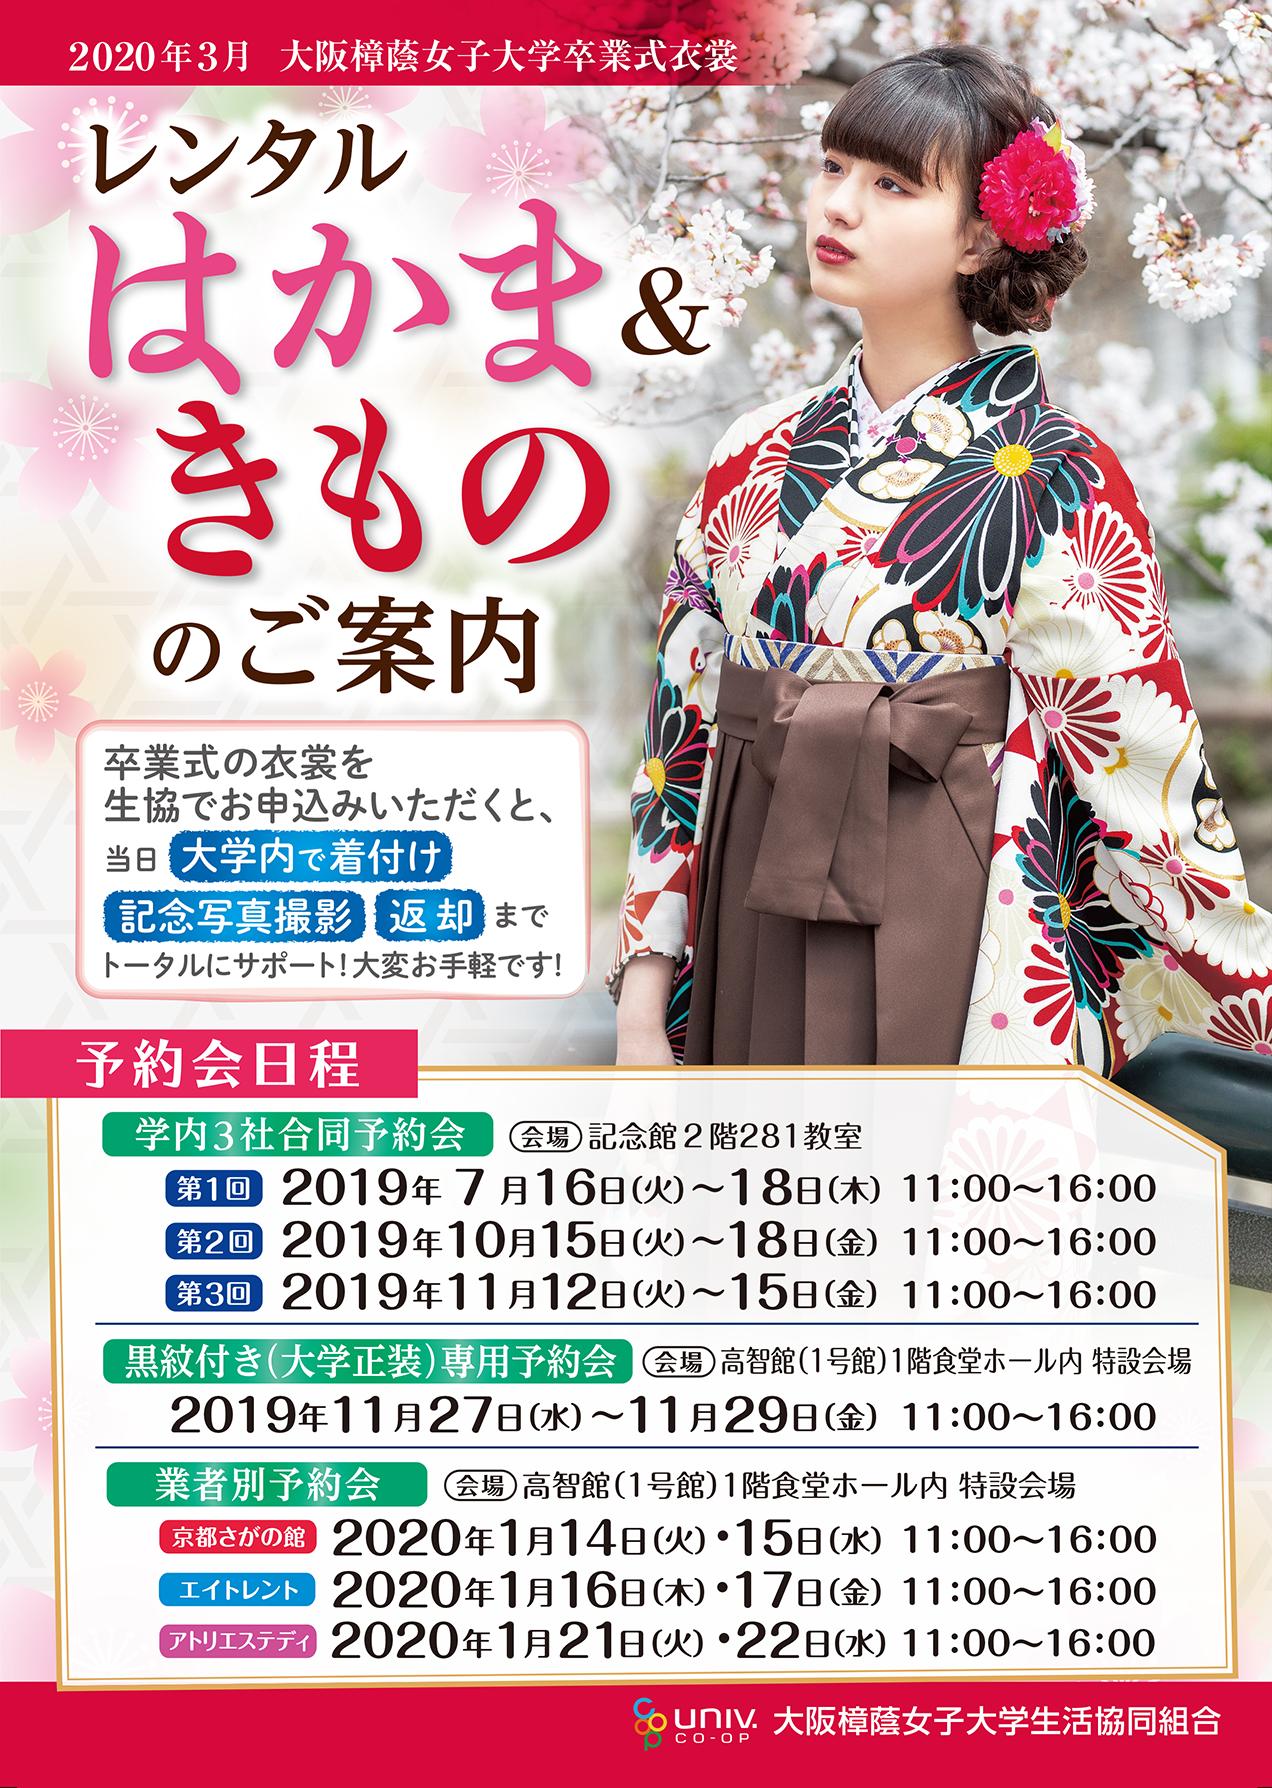 2020年大阪樟蔭女子大学をご卒業される皆様へレンタル袴の展示・試着会のご案内